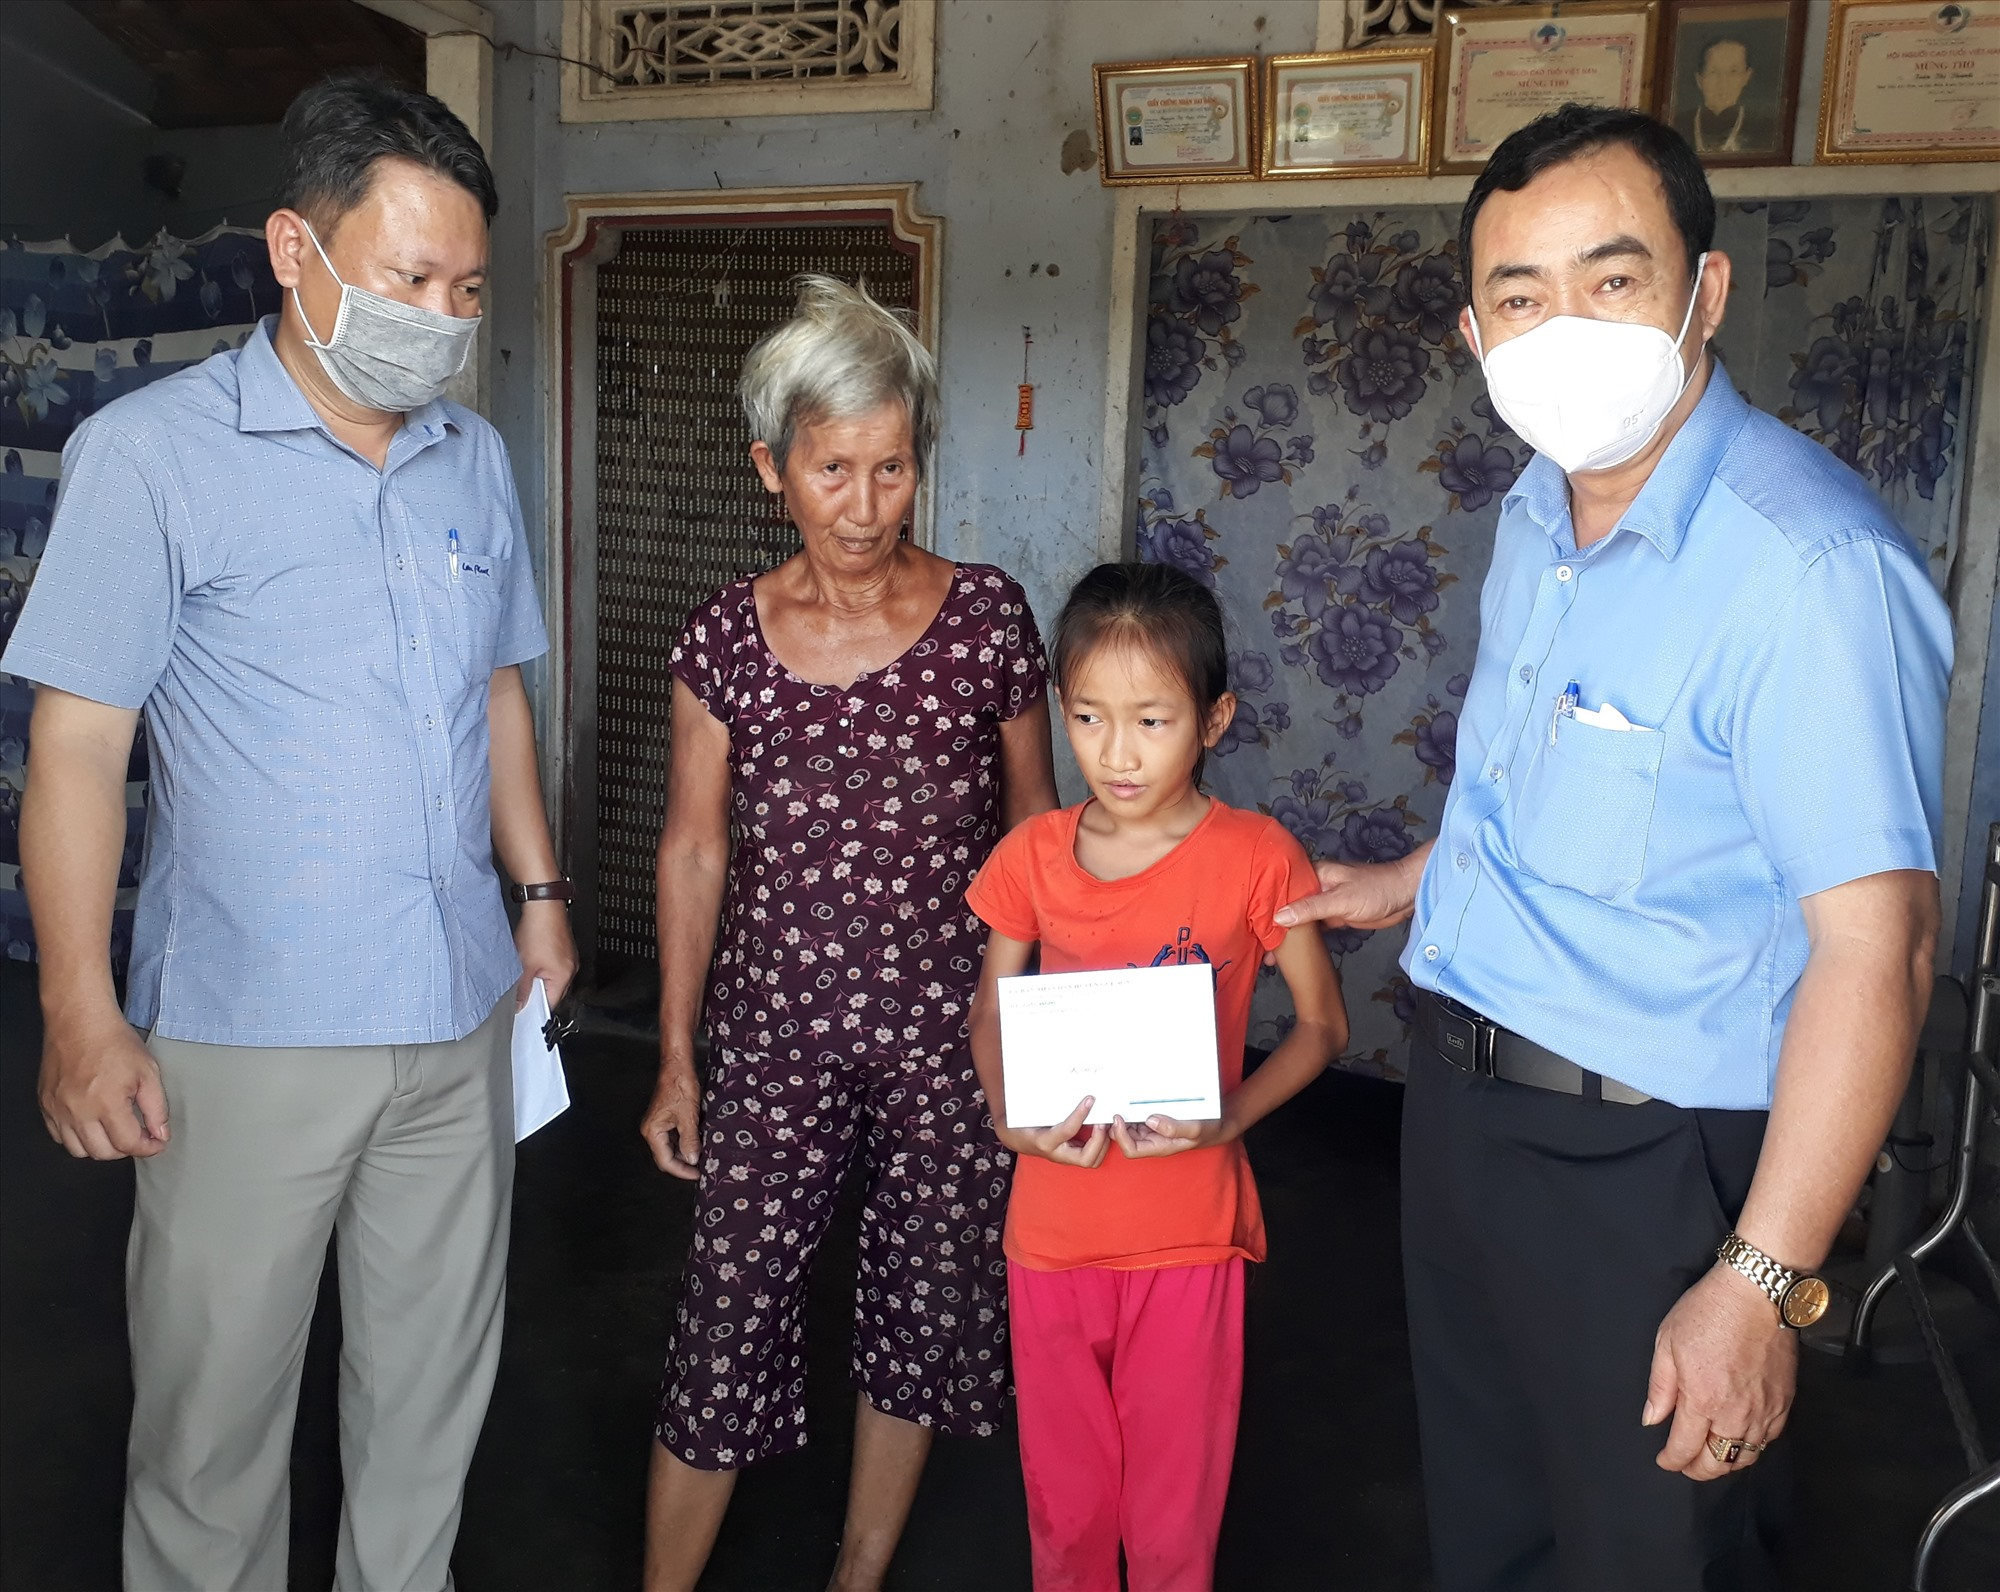 Lãnh đạo huyện Quế Sơn thăm, tặng quà trẻ em đặc biệt khó khăn nhân ngày Quốc tế Thiếu nhi 1.6. Ảnh: T.P